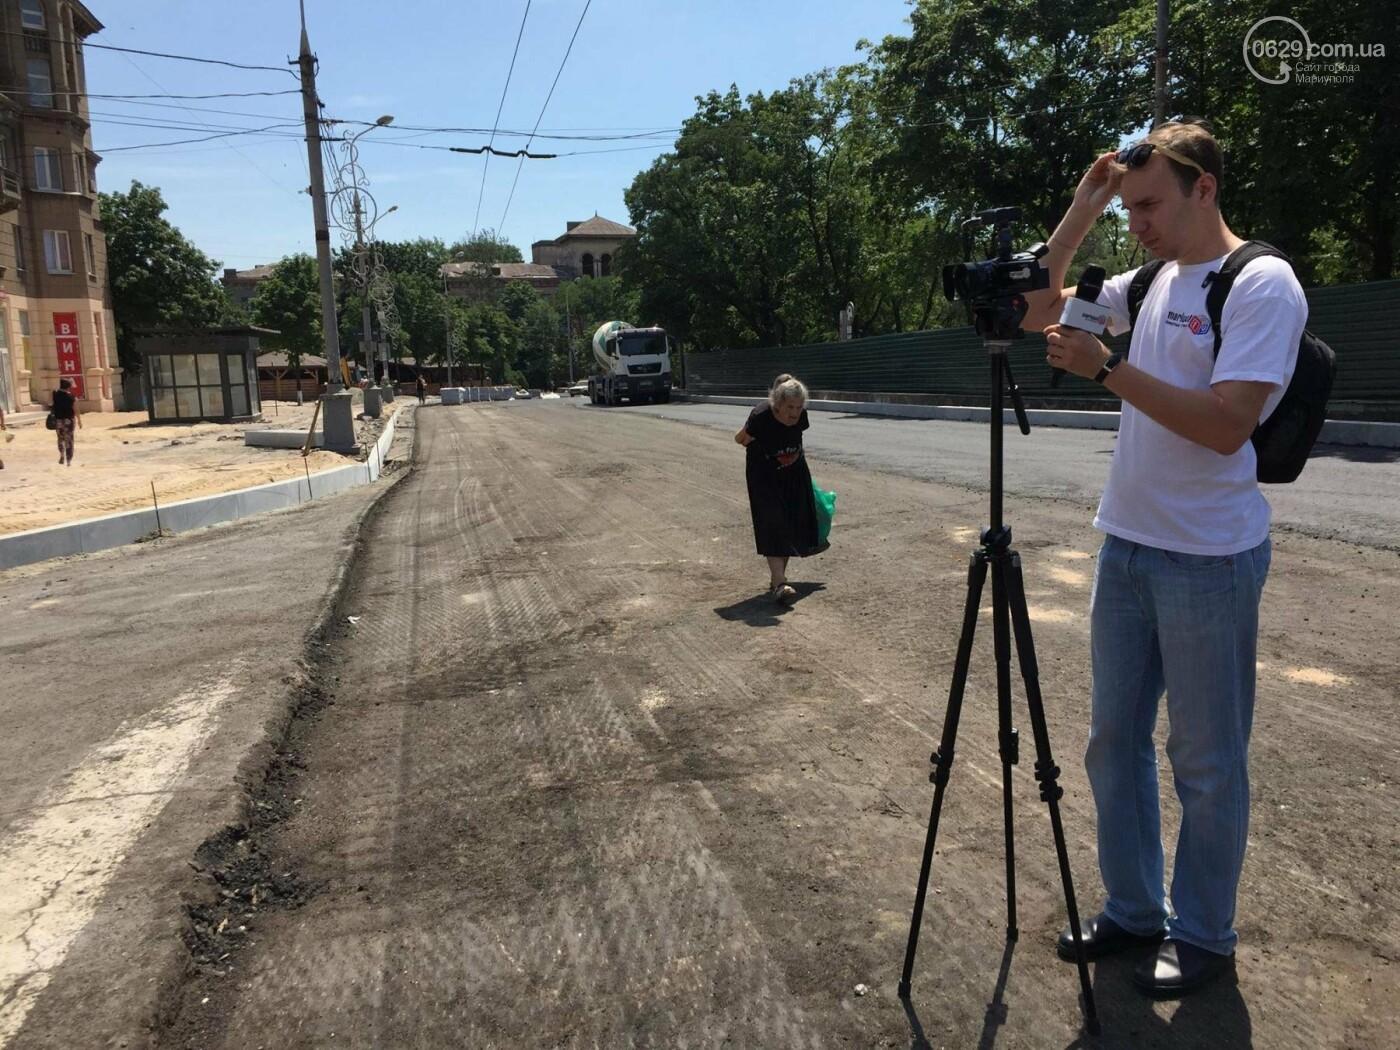 Дорога вокруг мариупольского драмтеатра будет закрыта еще минимум три недели, -ФОТО, ВИДЕО, фото-5